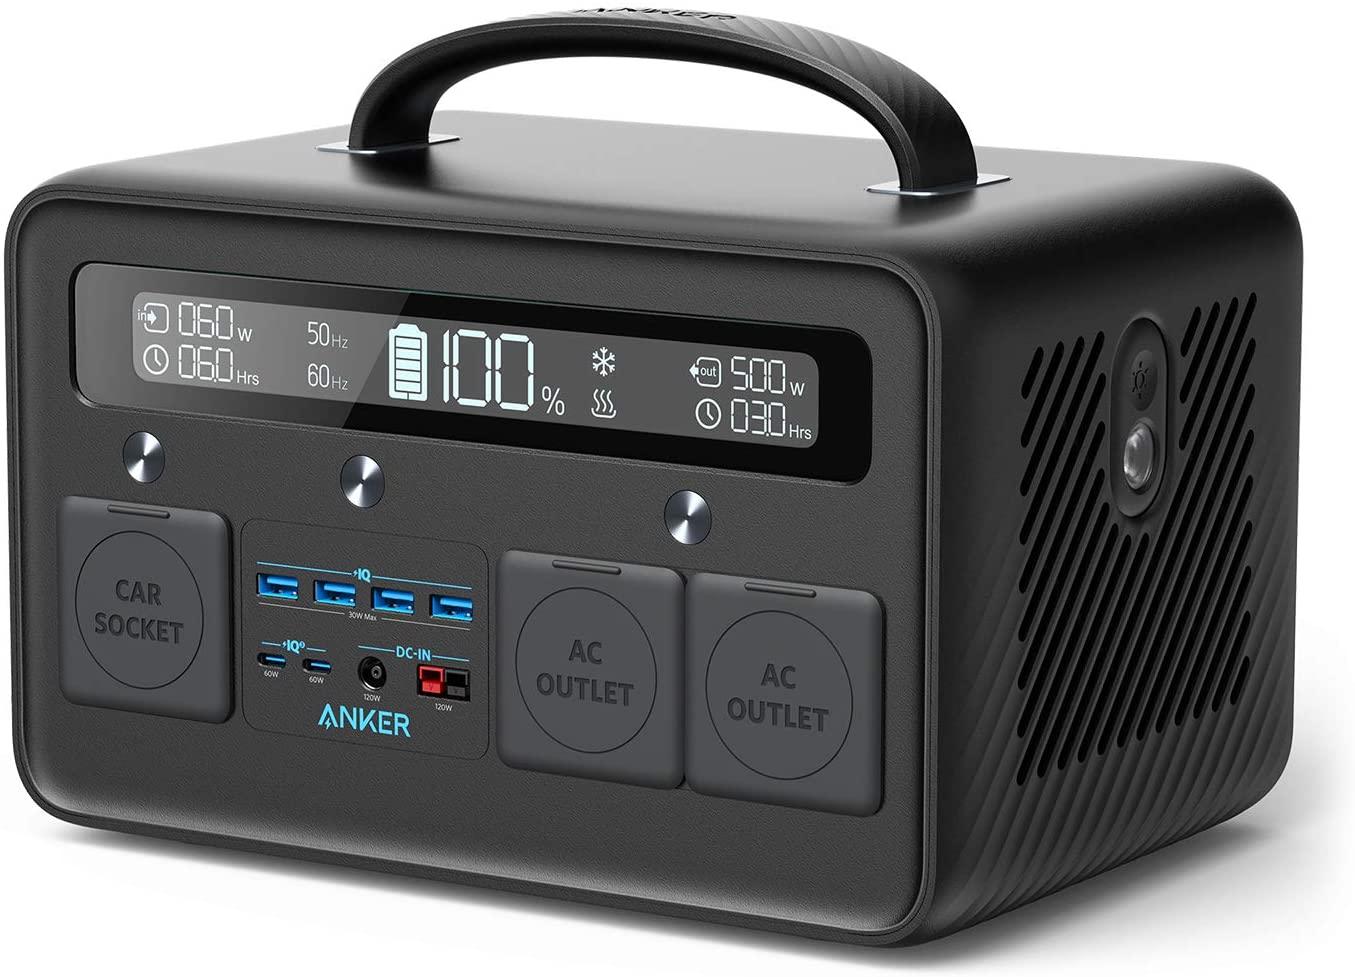 アマゾンでAnker PowerHouse II 800 (超大容量ポータブル電源 216,000mAh / 778Wh)がセール中。